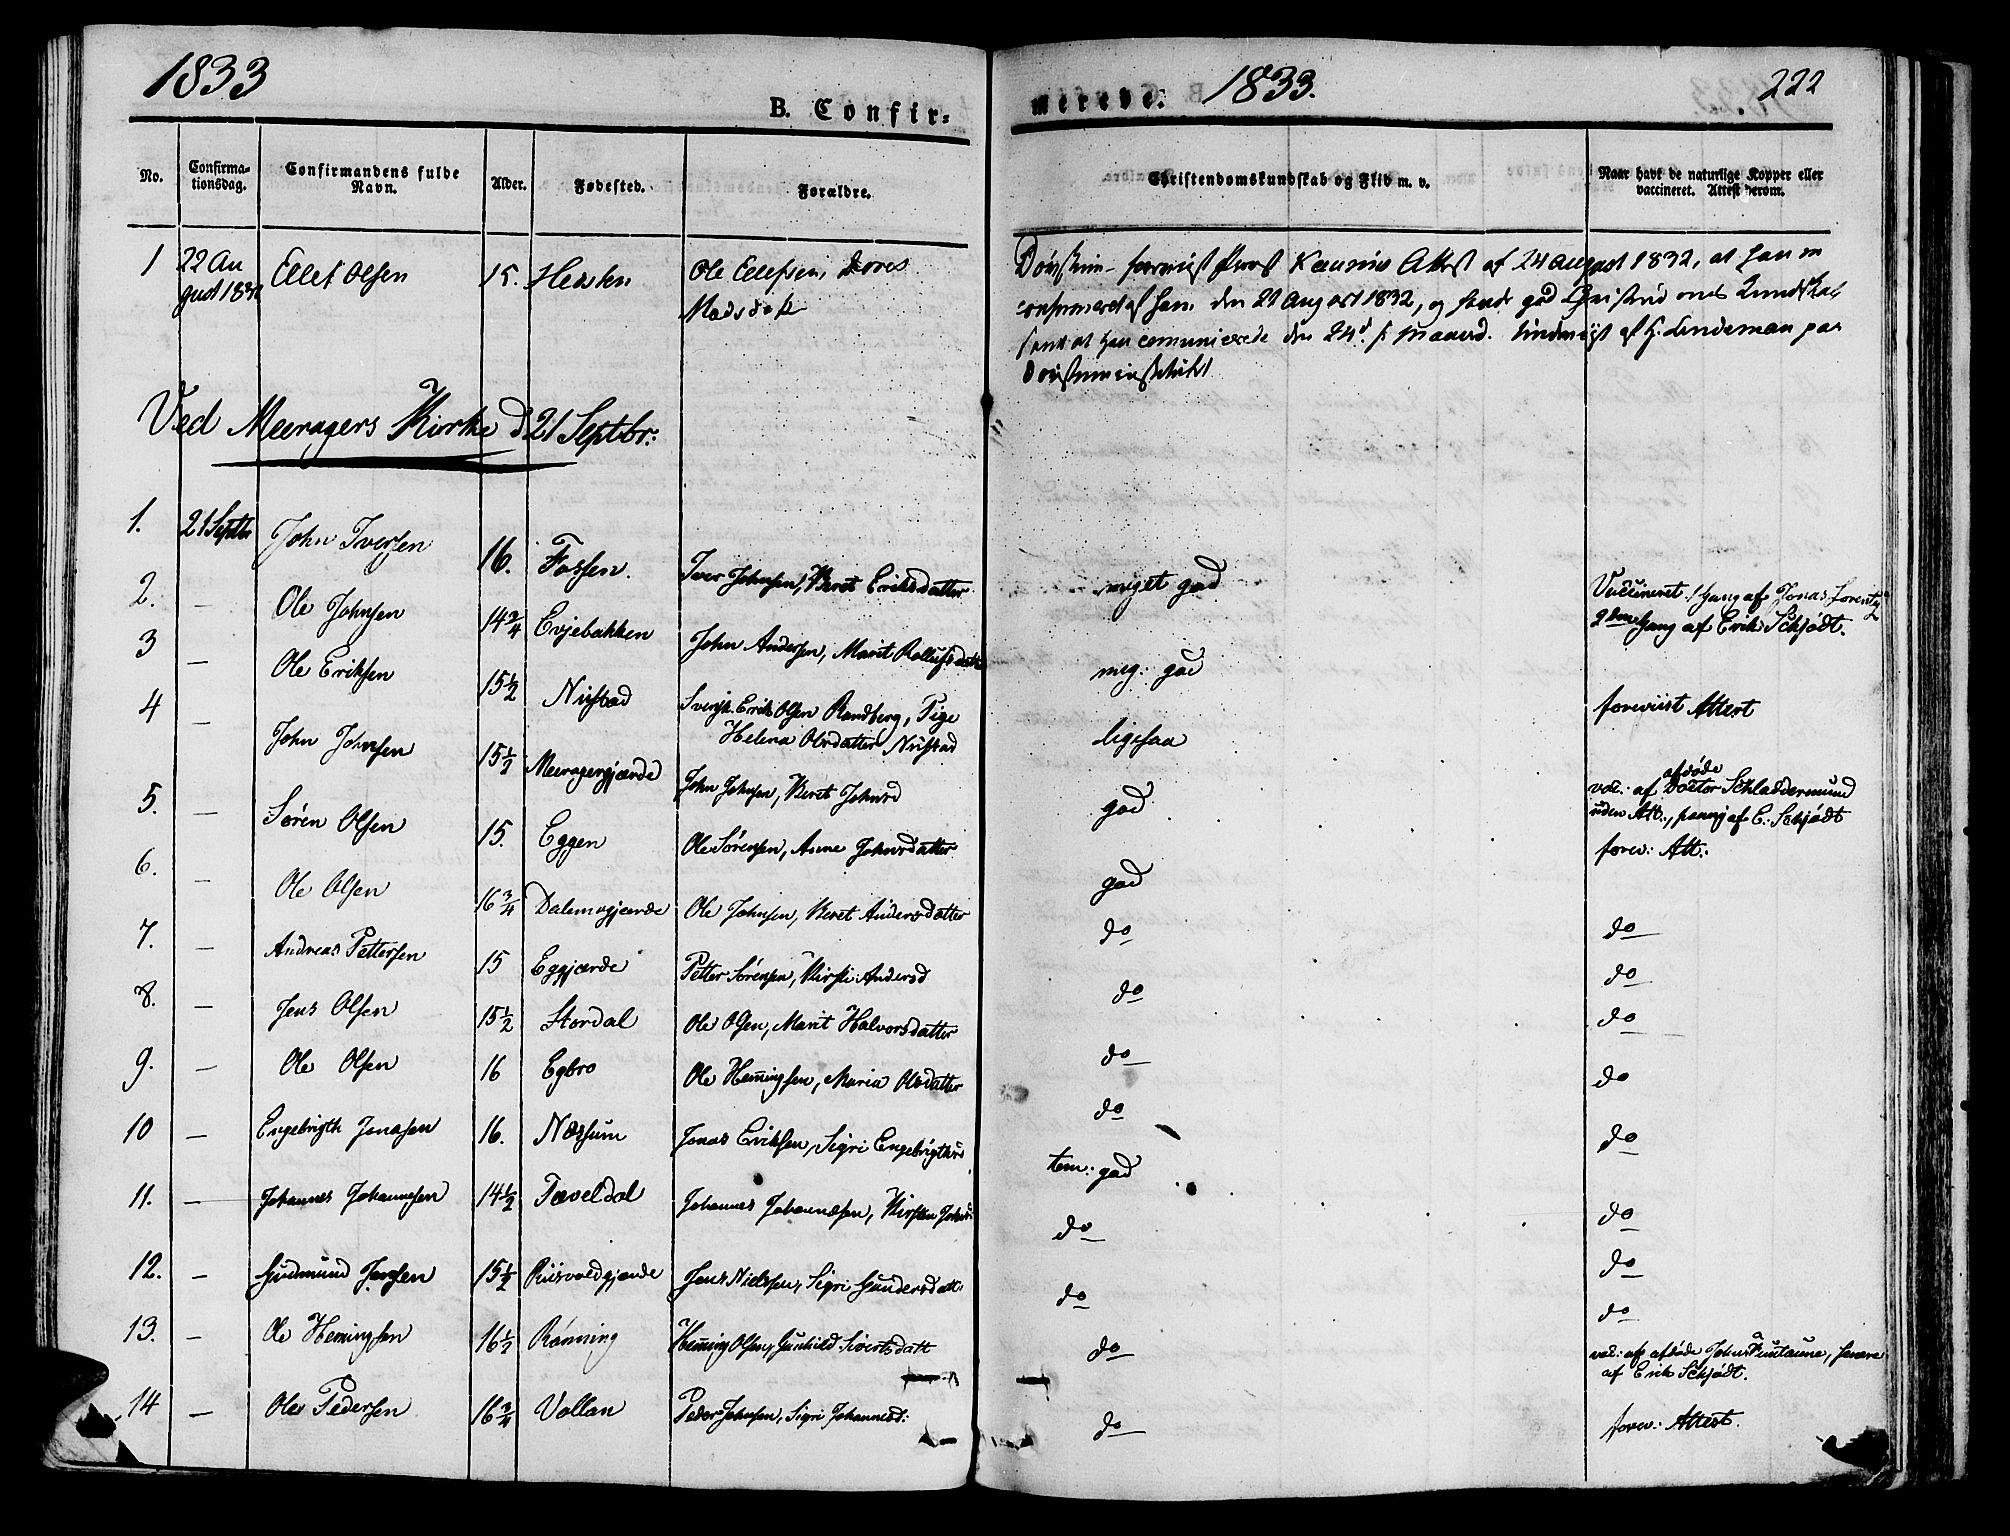 SAT, Ministerialprotokoller, klokkerbøker og fødselsregistre - Nord-Trøndelag, 709/L0071: Ministerialbok nr. 709A11, 1833-1844, s. 222